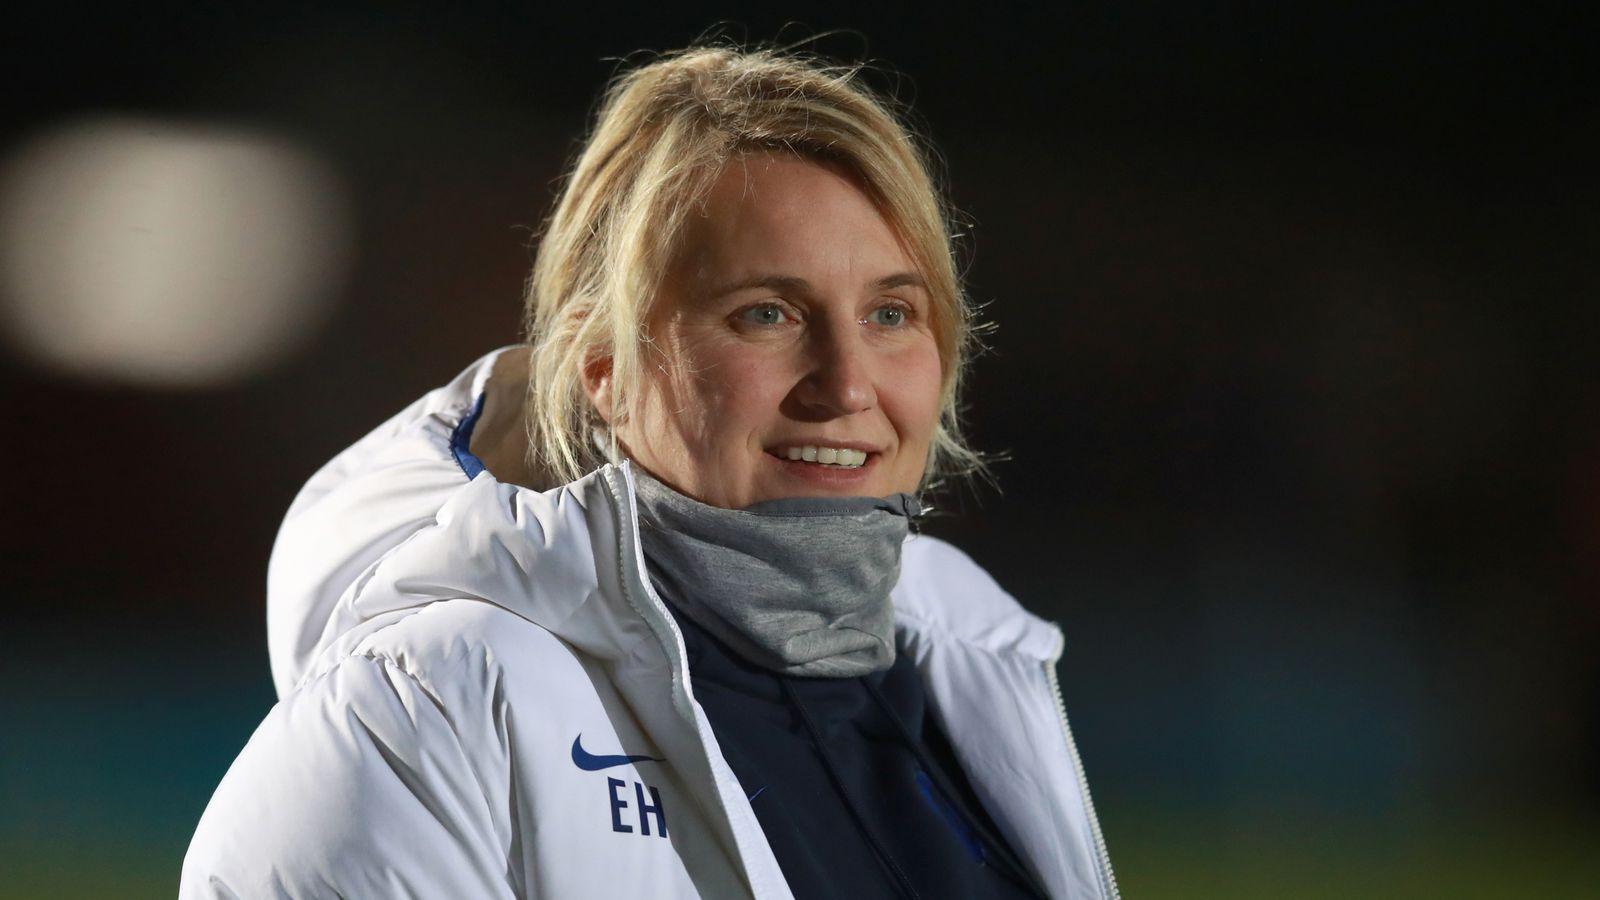 Coronavirus: Chelsea se asocia con Refuge UK para ayudar a las víctimas de abuso doméstico en forma aislada | Noticias de futbol 7